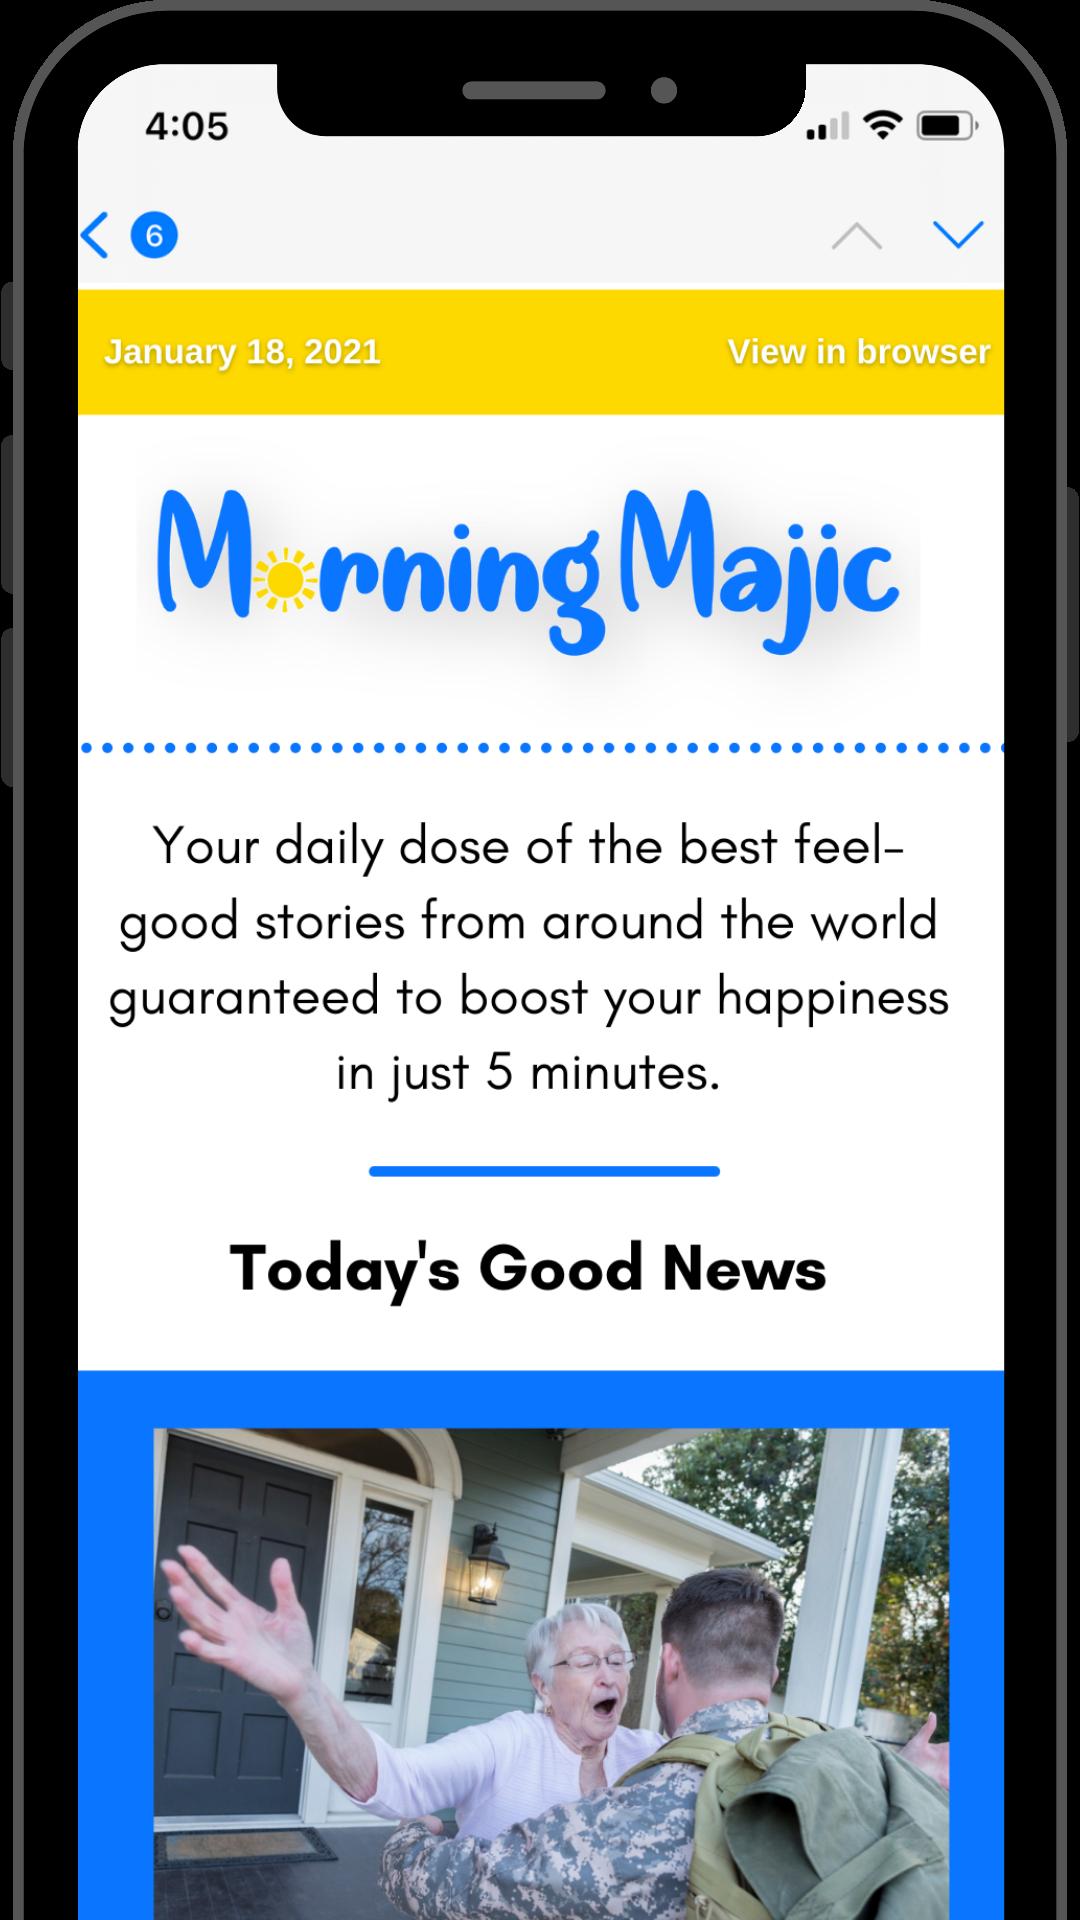 Morning Majic Newsletter